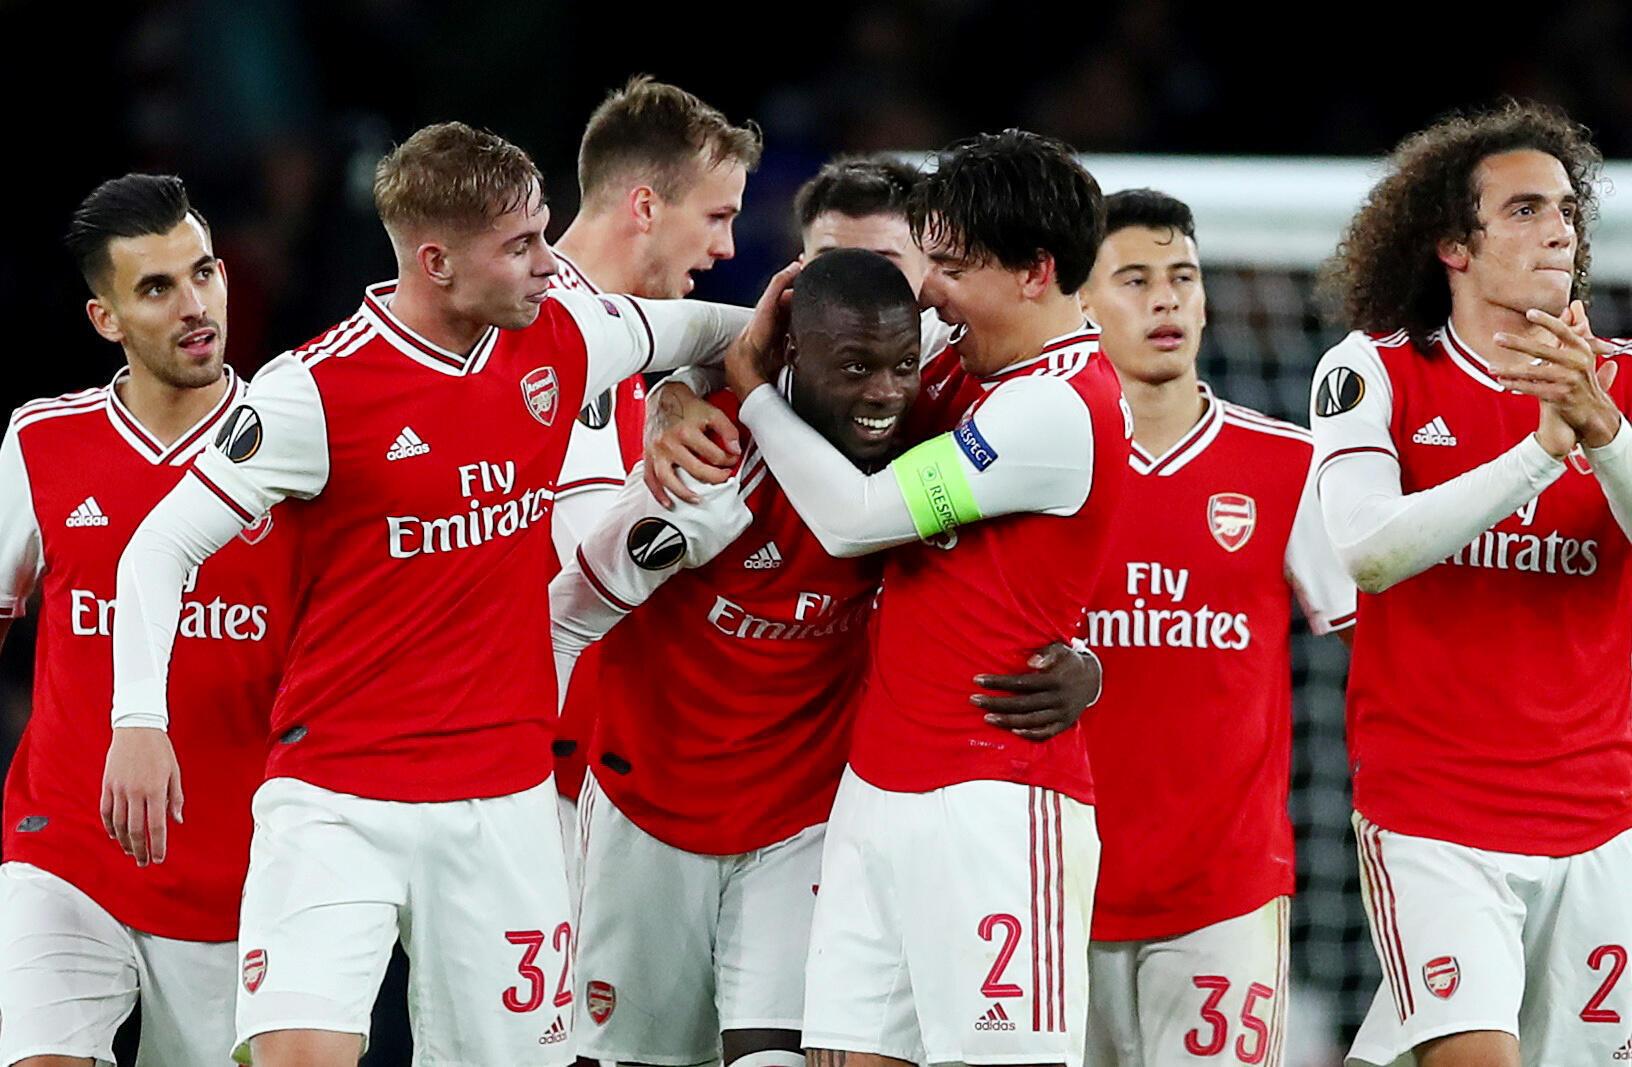 Wasu daga cikin 'yan wasan kungiyar Arsenal.